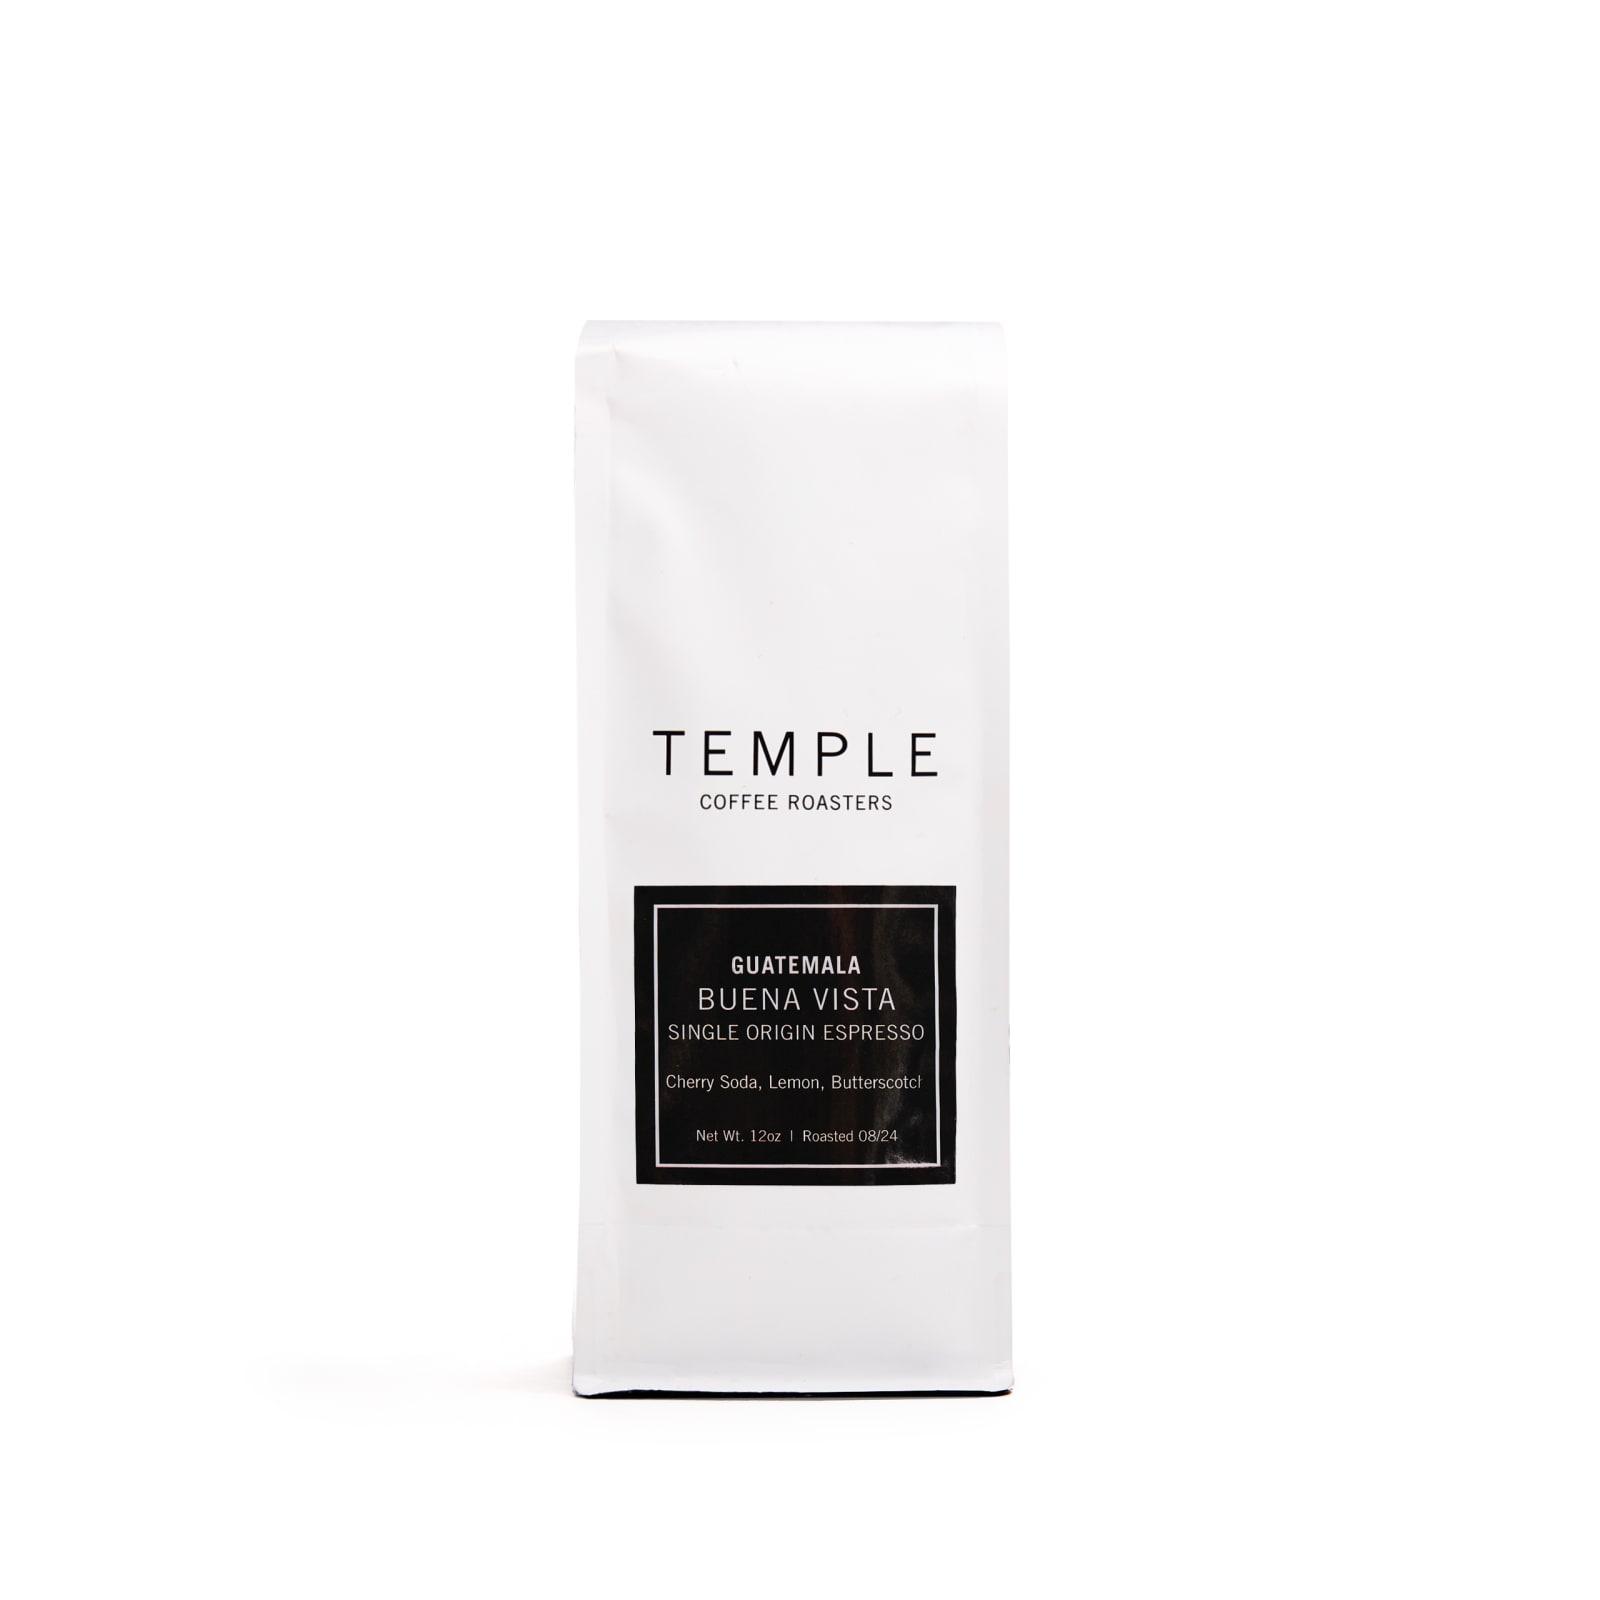 Guatemala Buena Vista- Single Origin Espresso